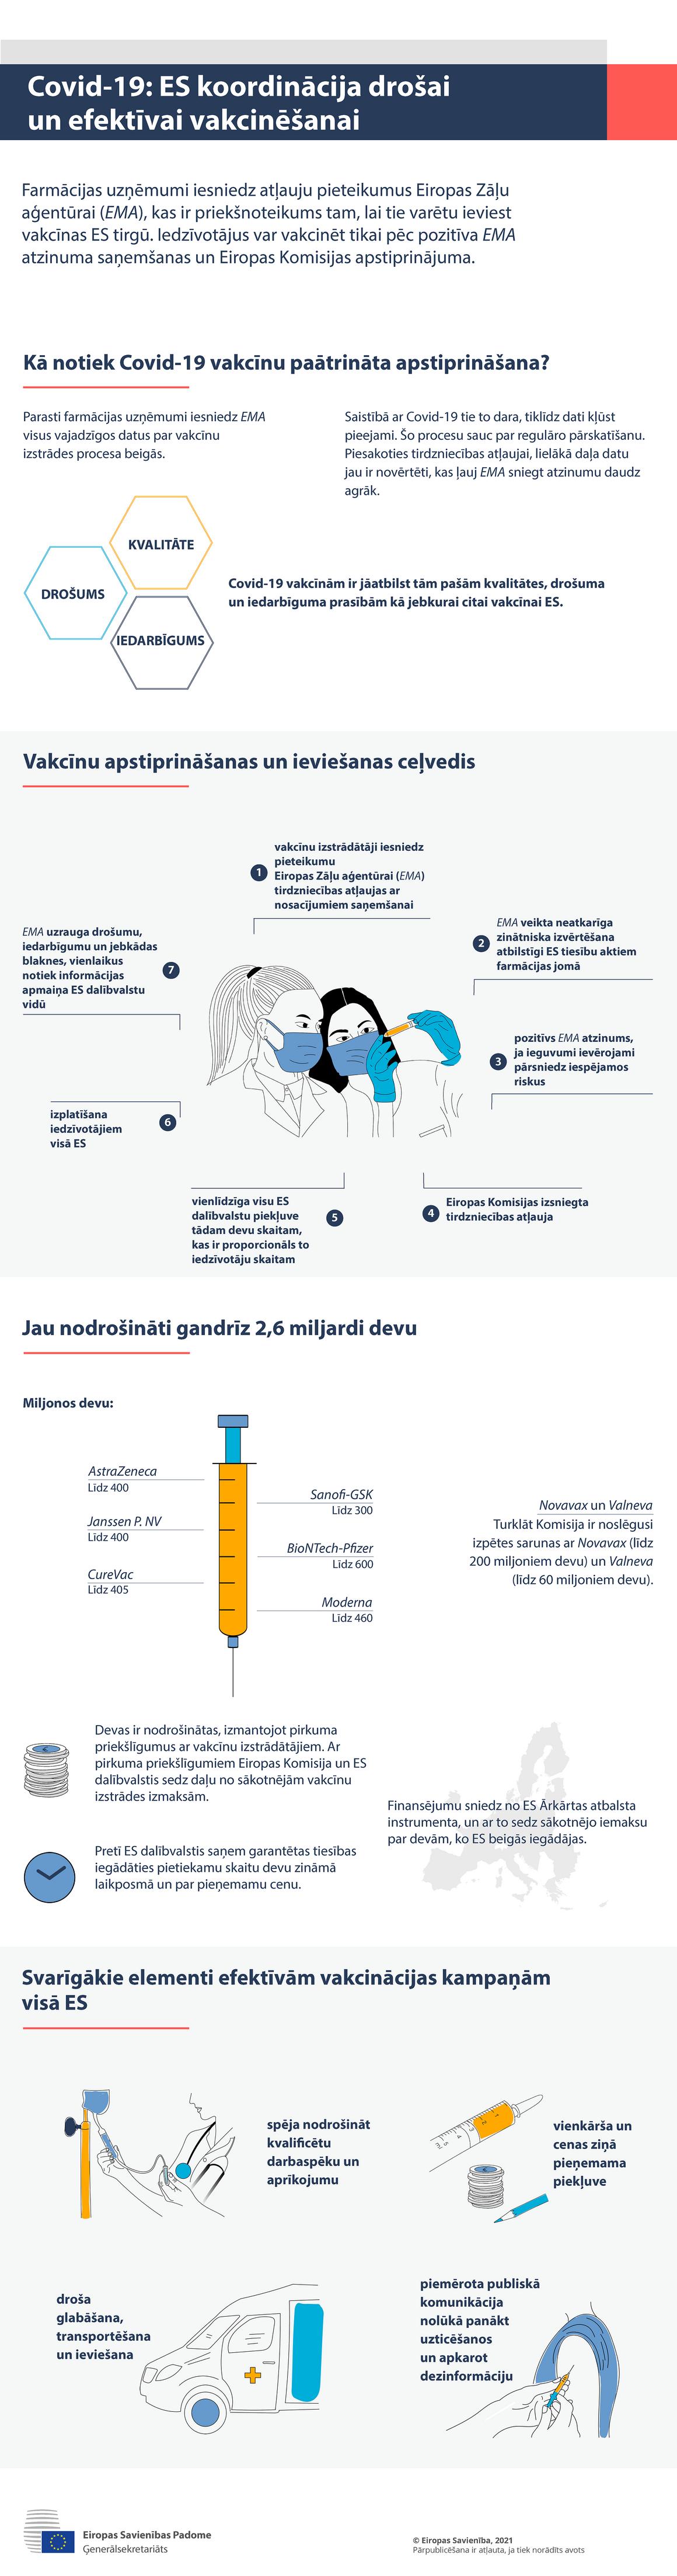 Infografika– Covid-19: ES koordinācija drošas un efektīvas vakcinācijas jomā